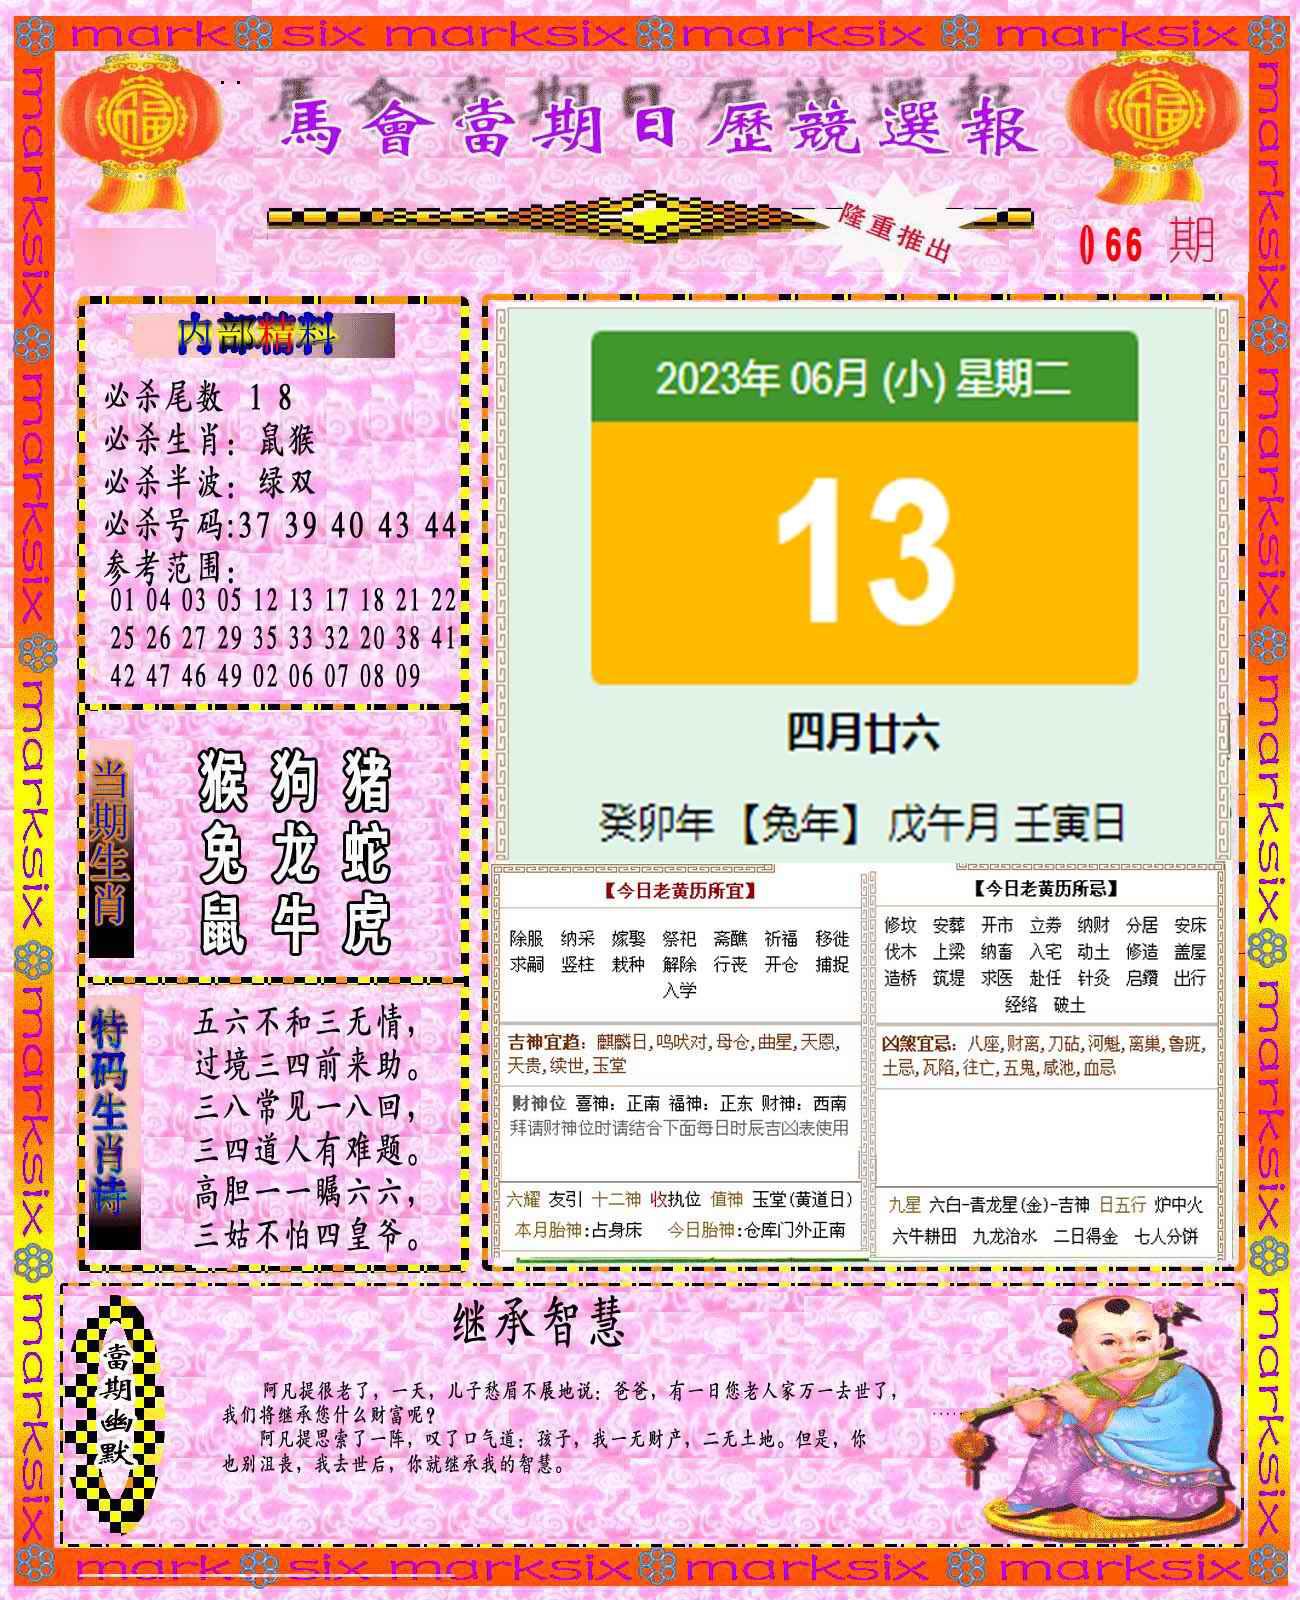 066期日历精选报(彩)